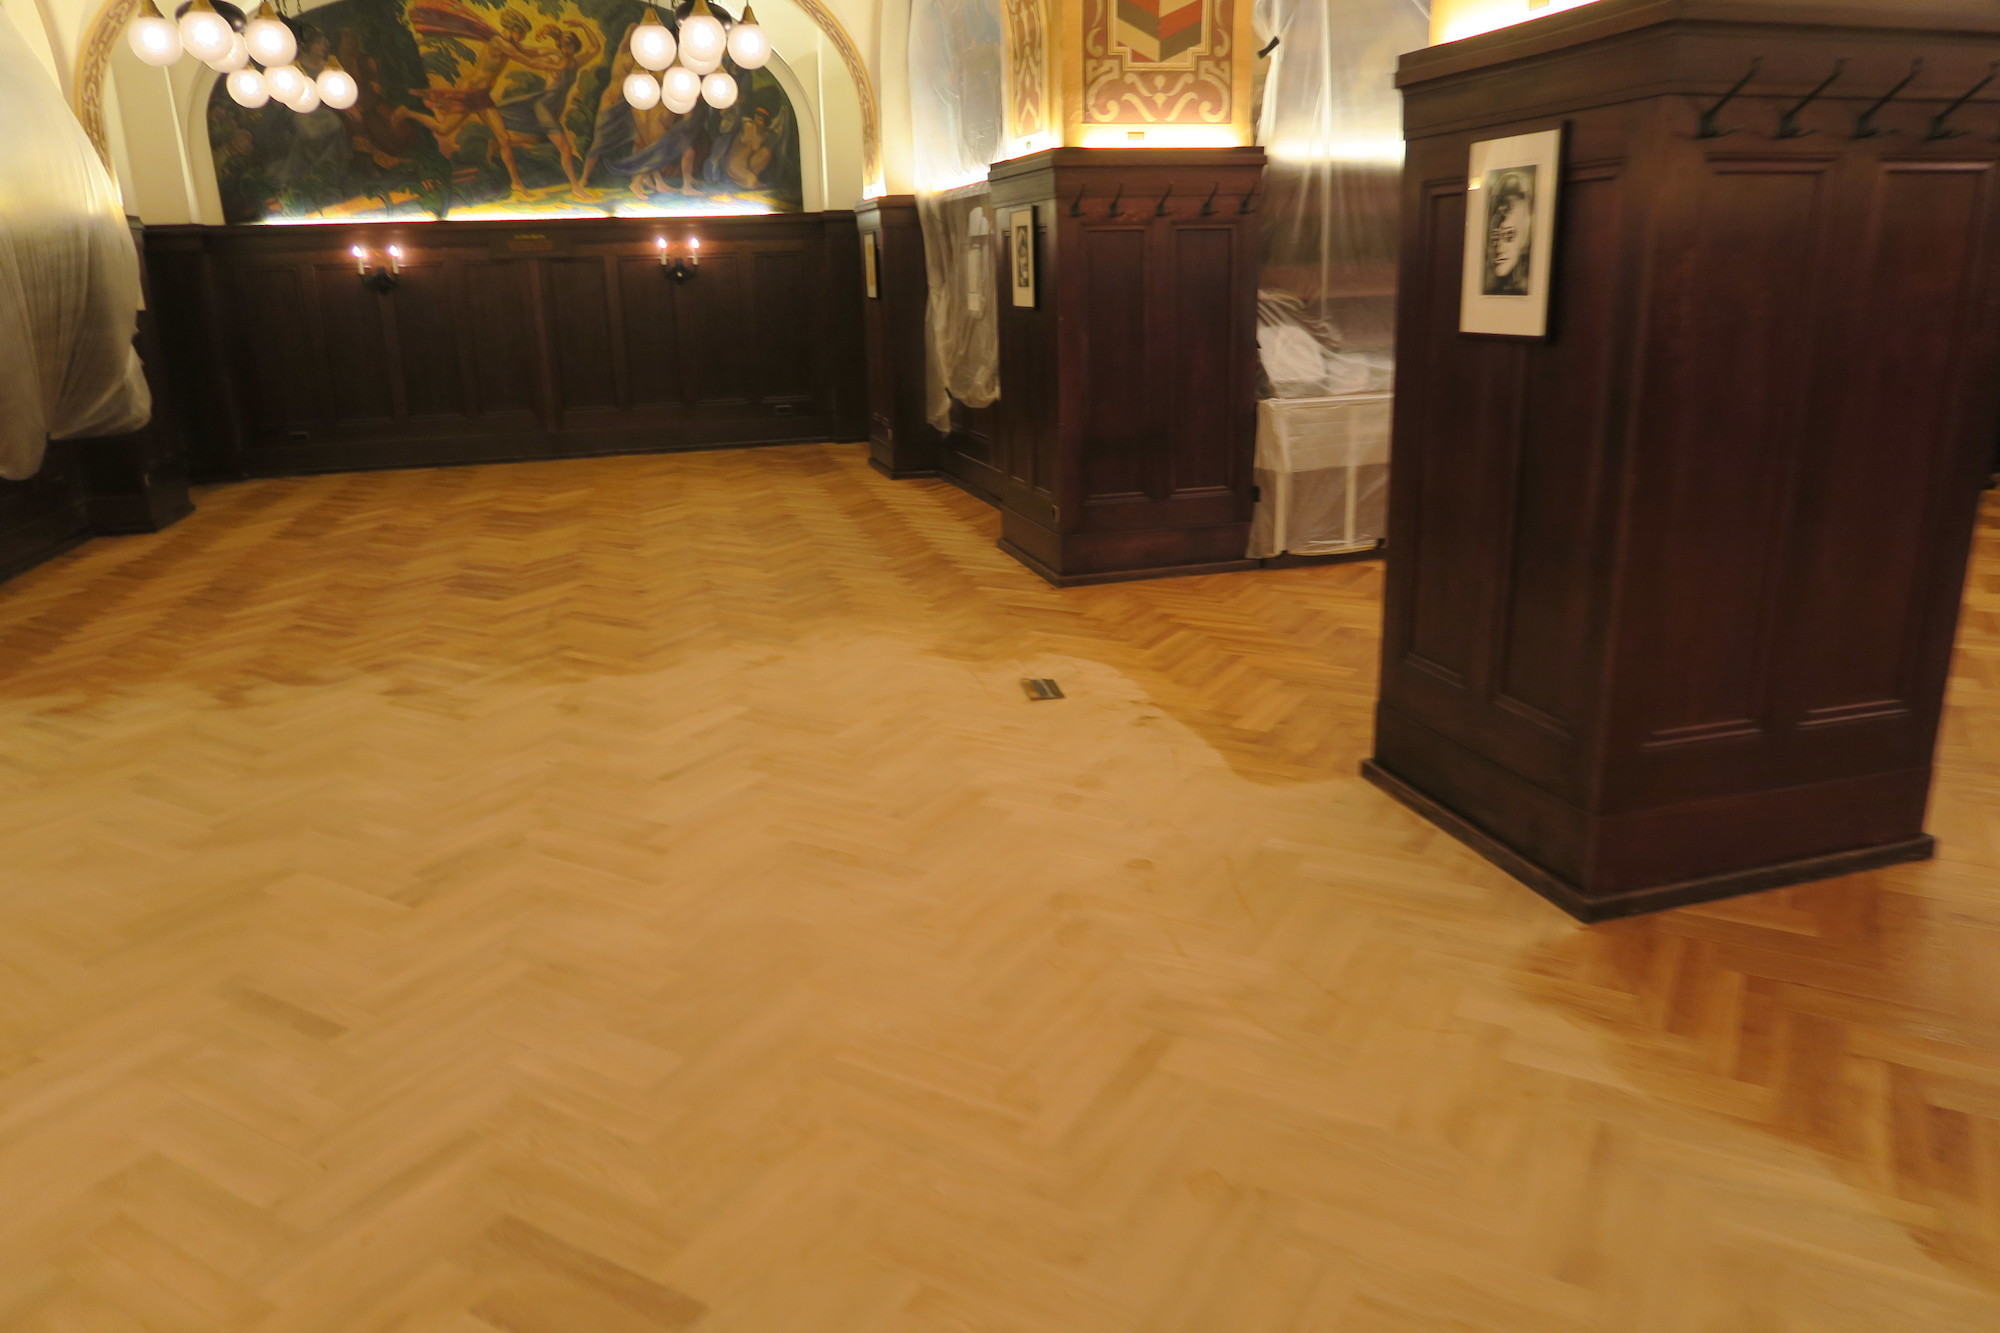 Fußboden Leipzig ~ Eingangsbereich bild von hotel residenz leipzig leipzig